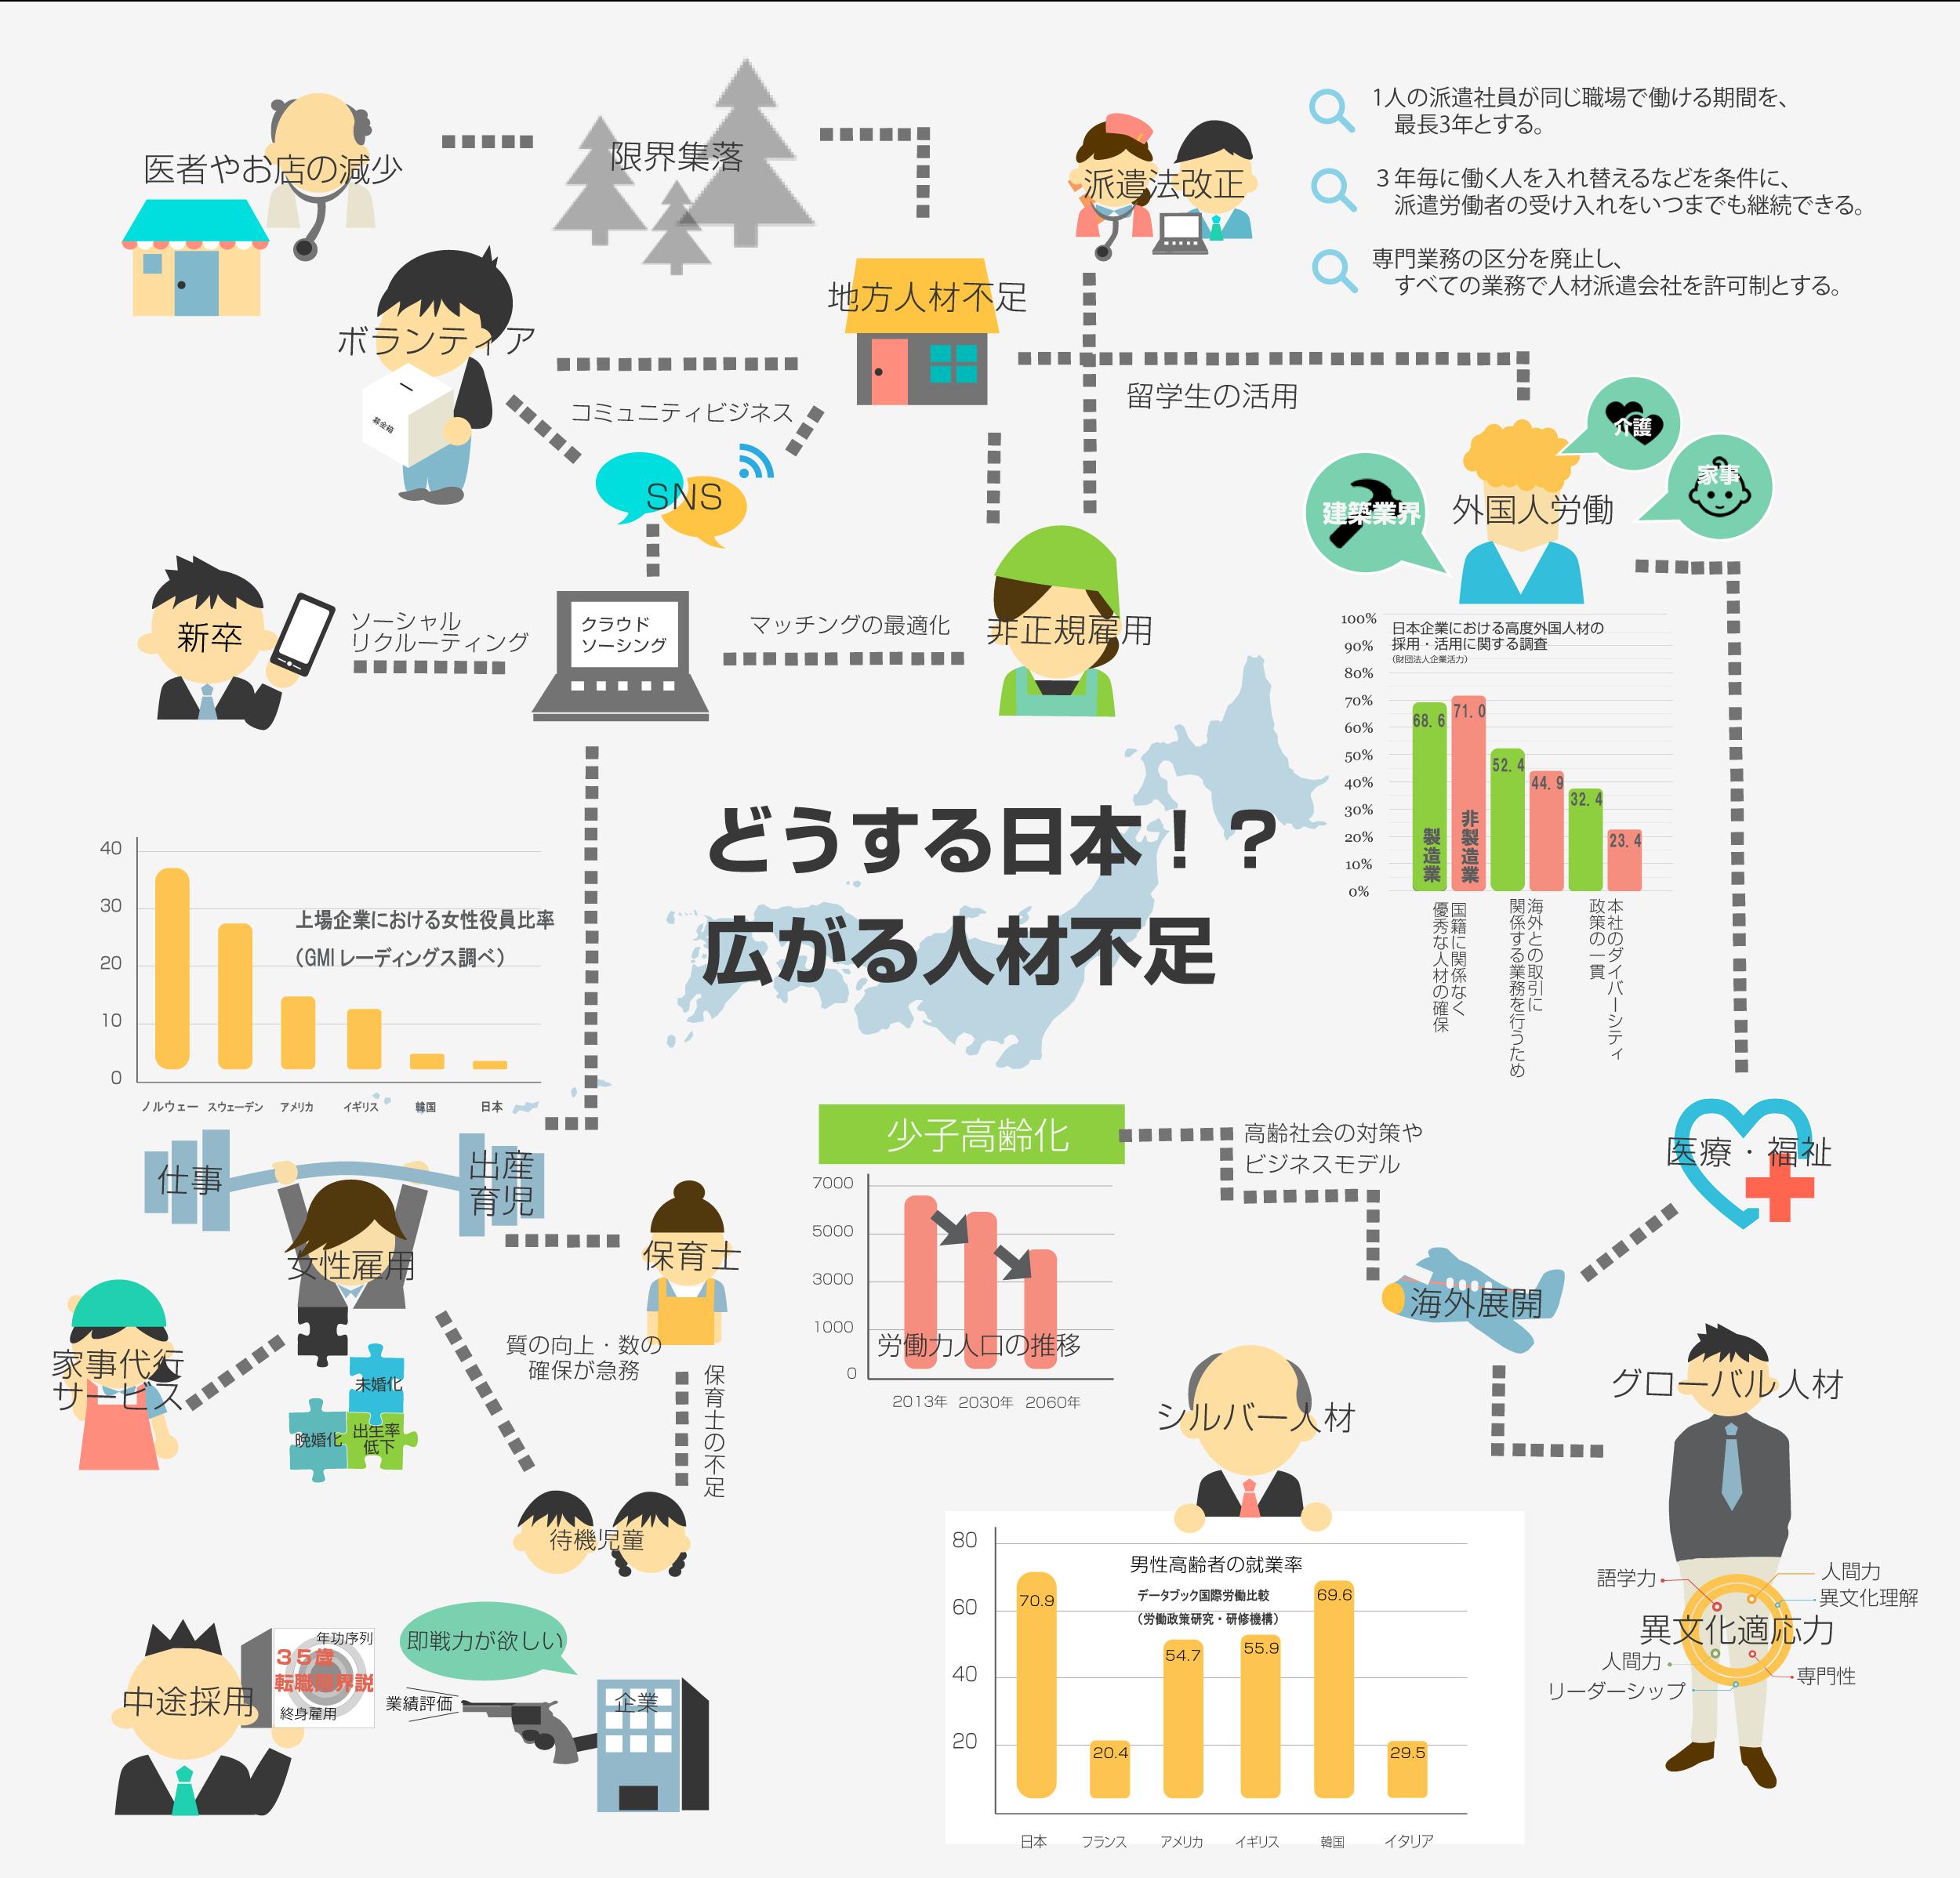 出生率低下、少子高齢化、人口減少。日本の人材不足は本格的を表すインフォグラフィック